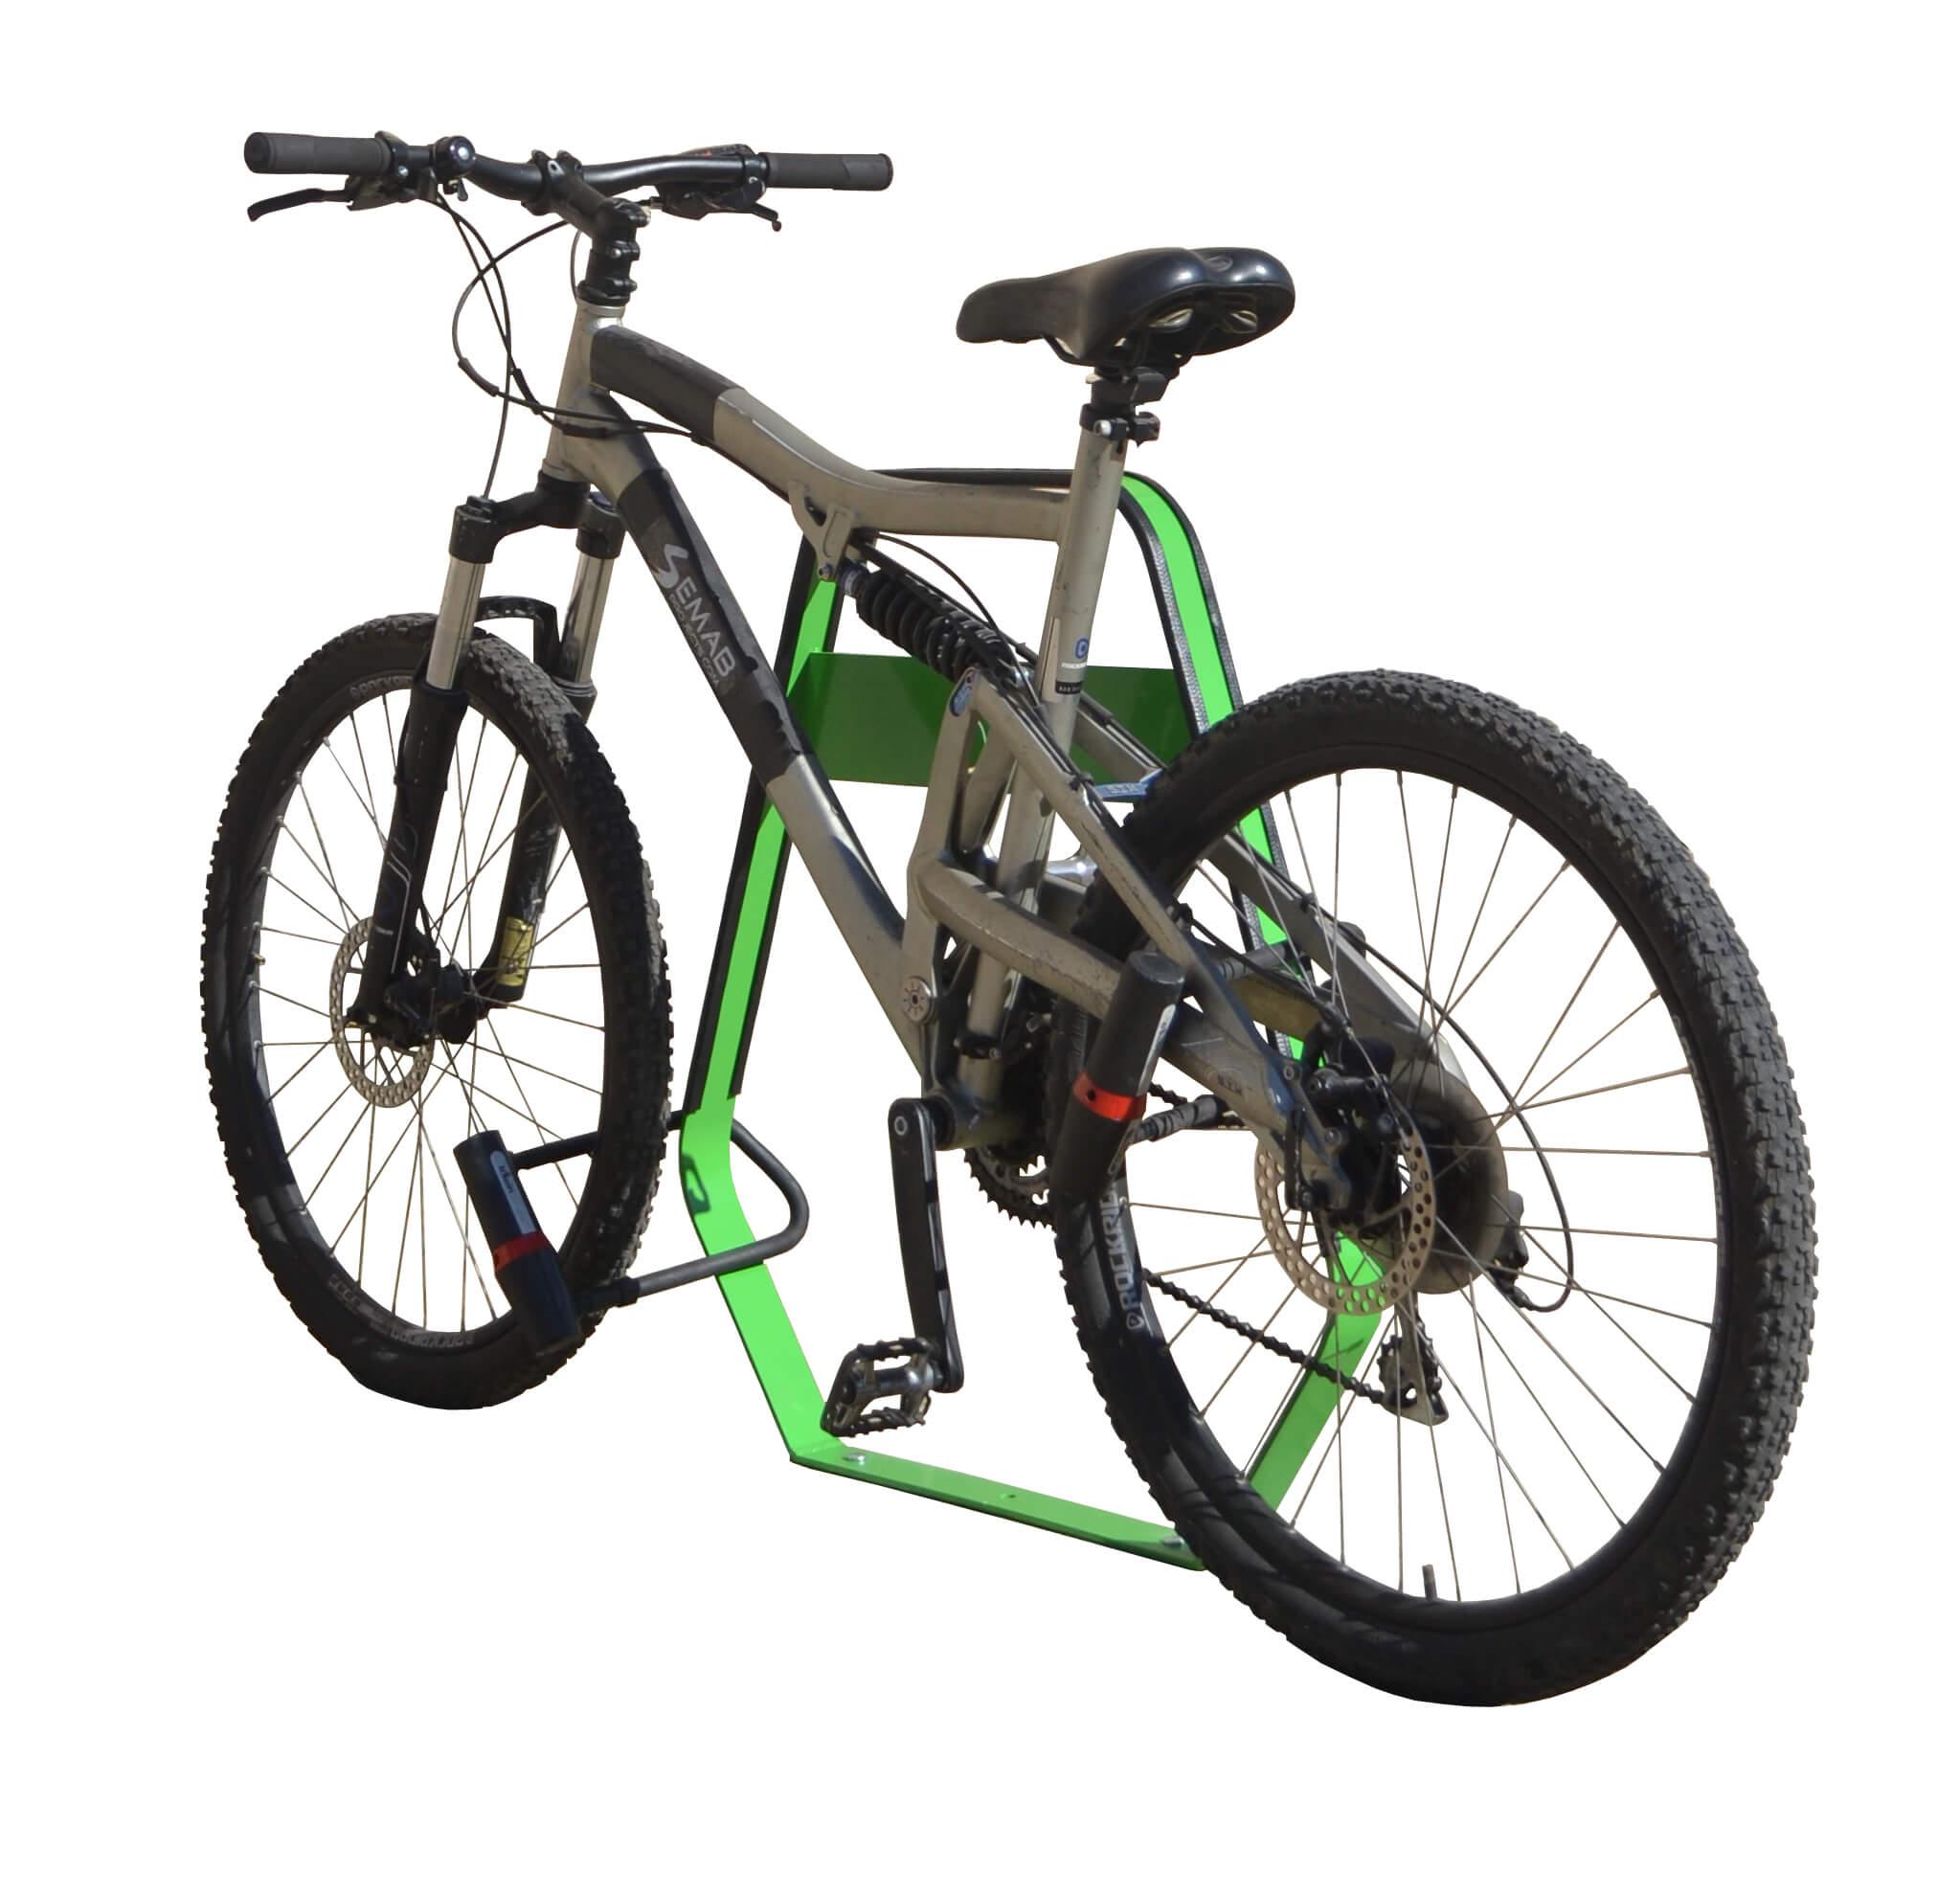 Banyoles fietsbeugel - ideaal voor in een publieke ruimte